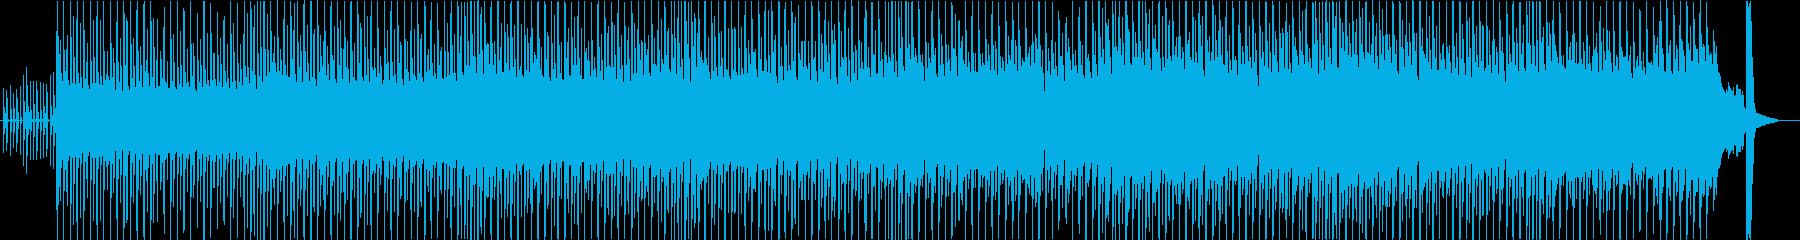 ほのぼの&可愛い系&ノリ良いテクノポップの再生済みの波形